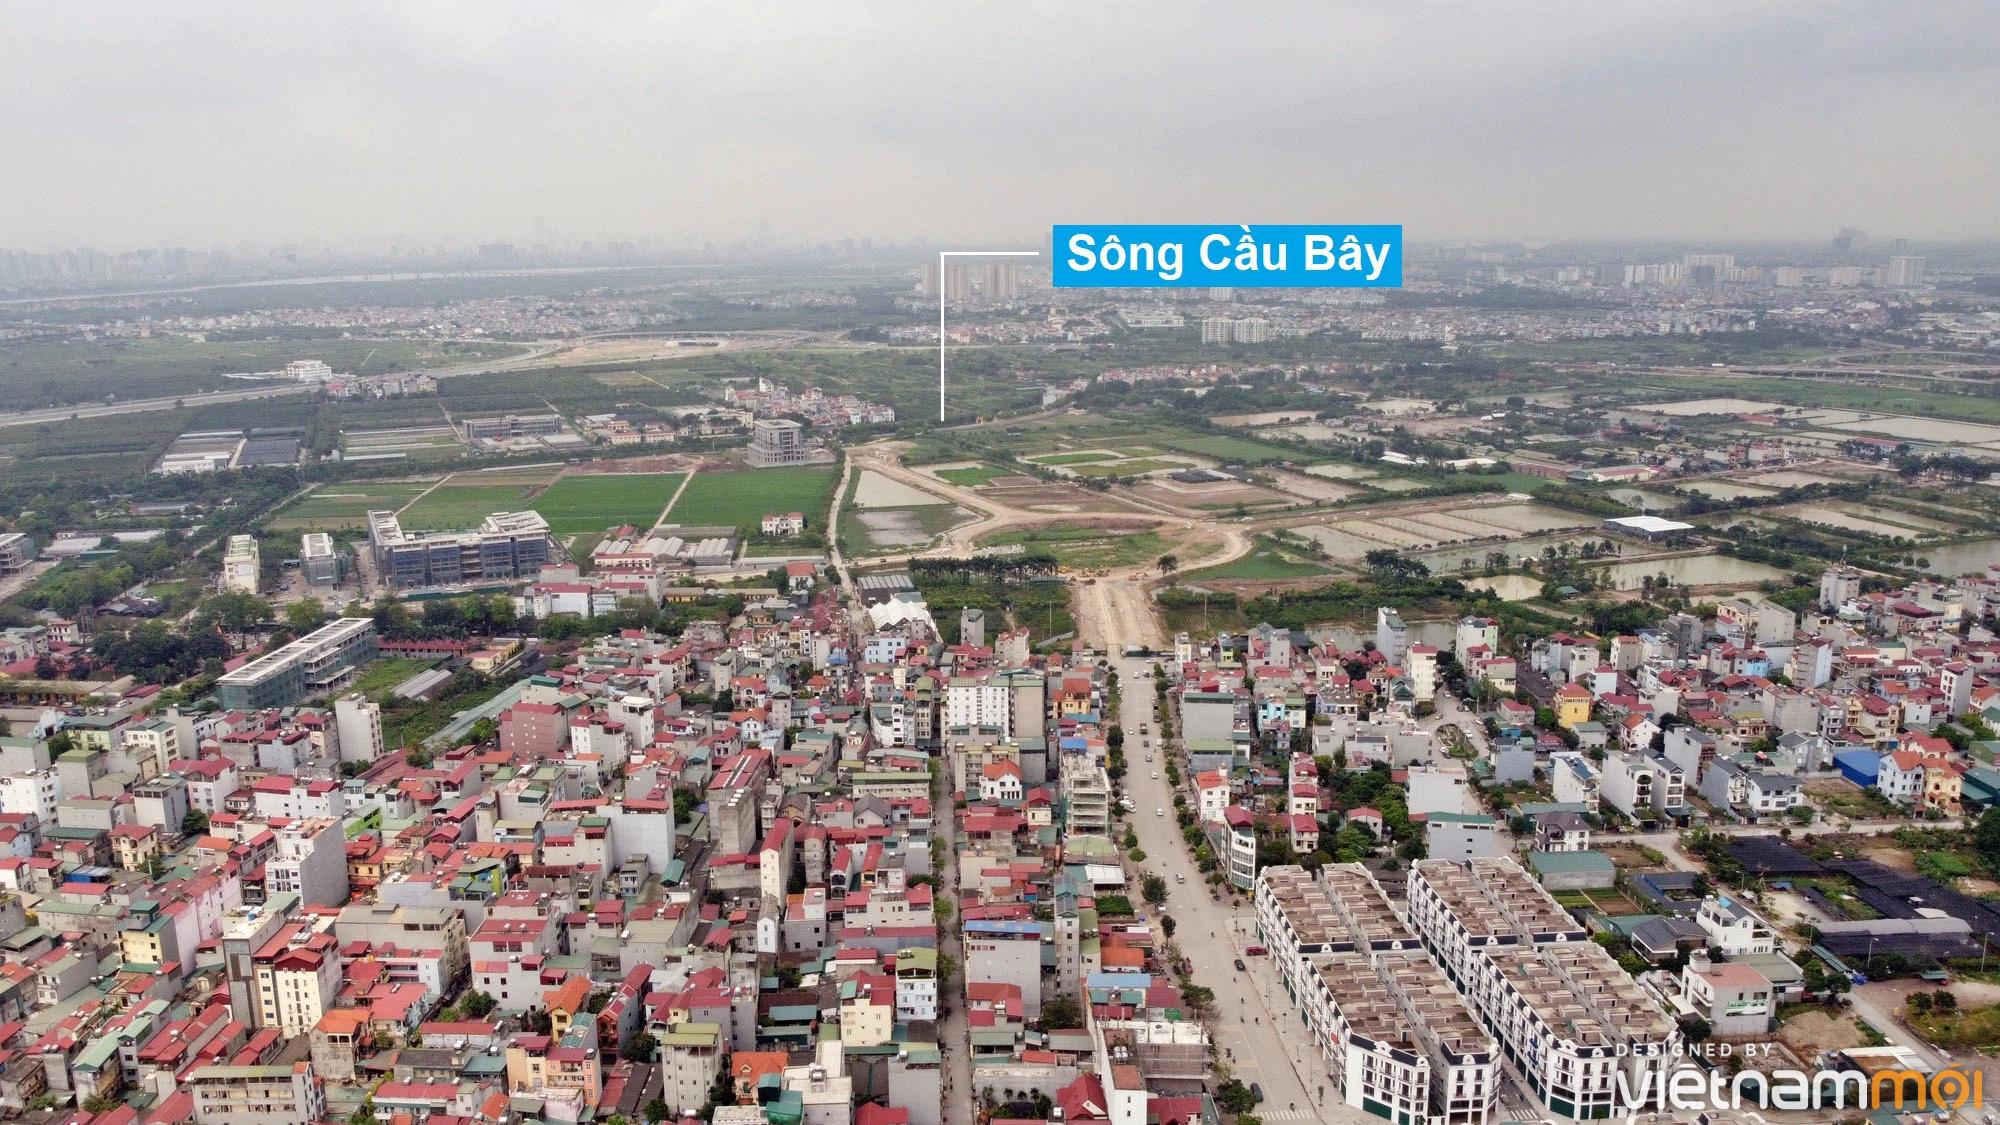 Toàn cảnh đường từ Kiêu Kỵ đến sông Cầu Bây qua Vinhomes Ocean Park đang mở theo quy hoạch ở Hà Nội - Ảnh 11.